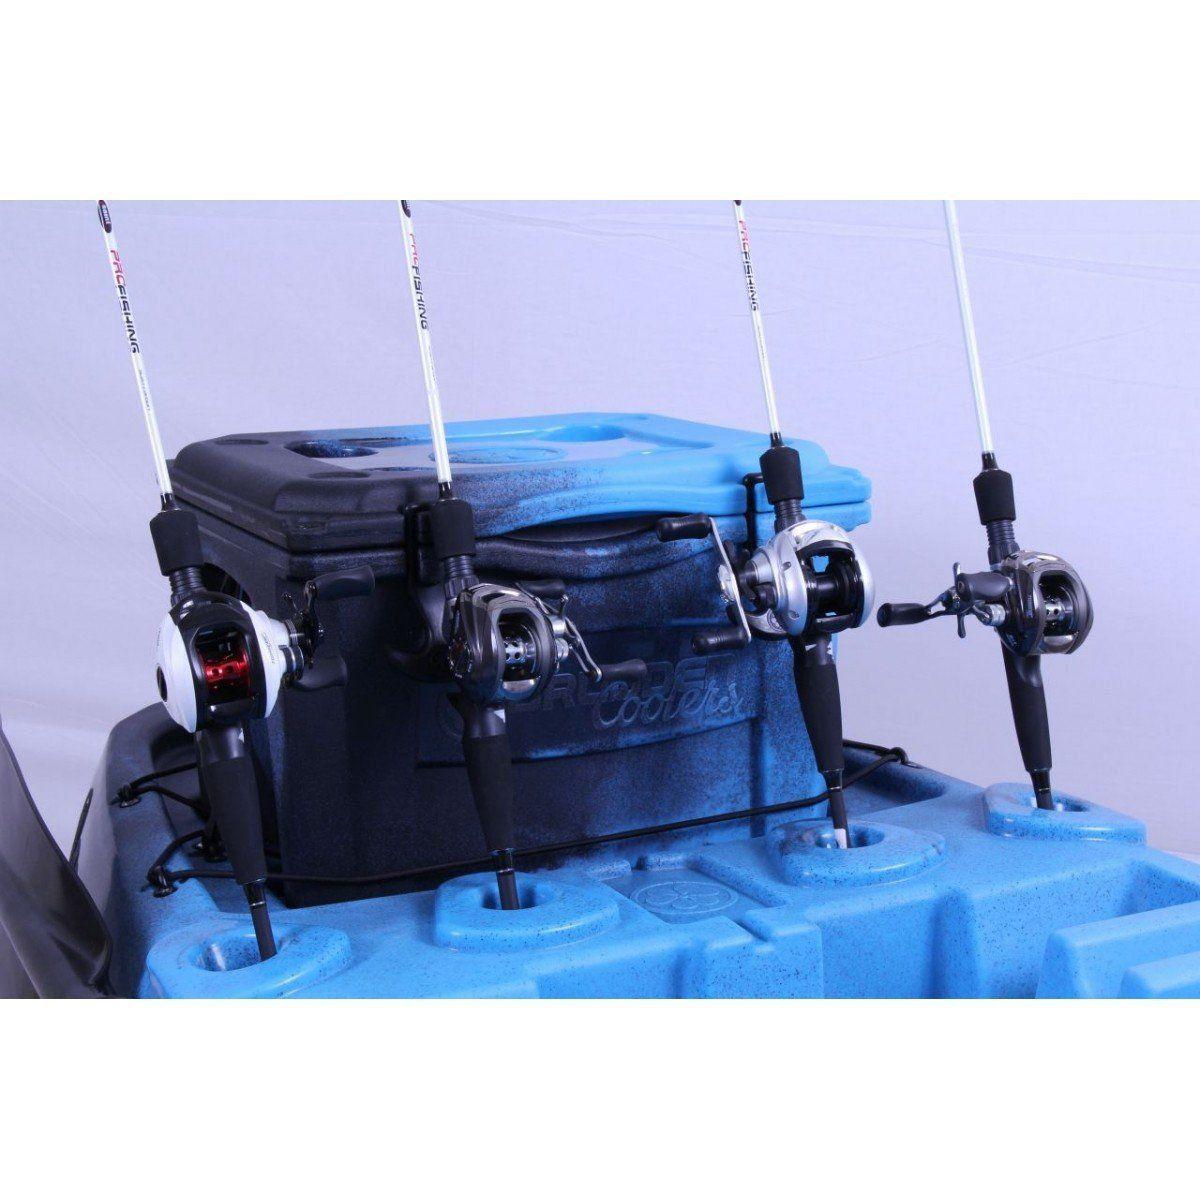 5a5fb68ae Caiaque Hunter Fishing 285 Brudden Náutica com Cooler Peso 24kg Carga 170kg